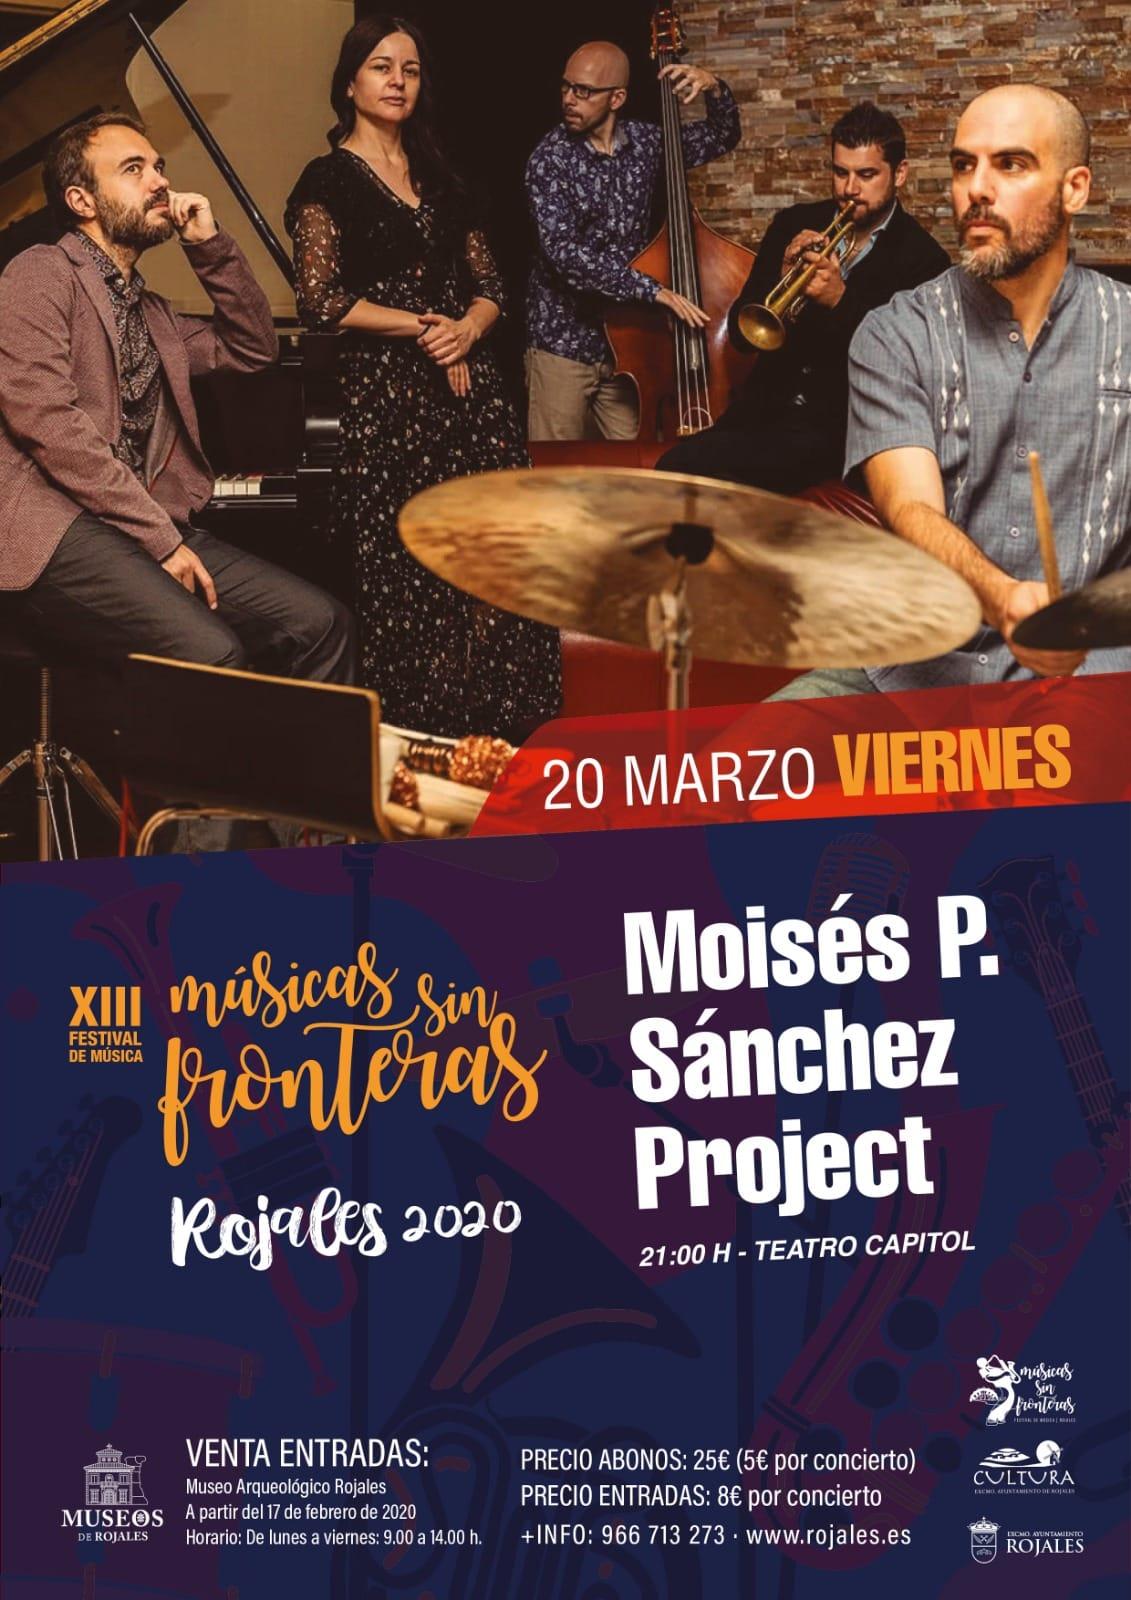 musicas sin fronteras 2020 rojales Moises Sanchez Proyect 2